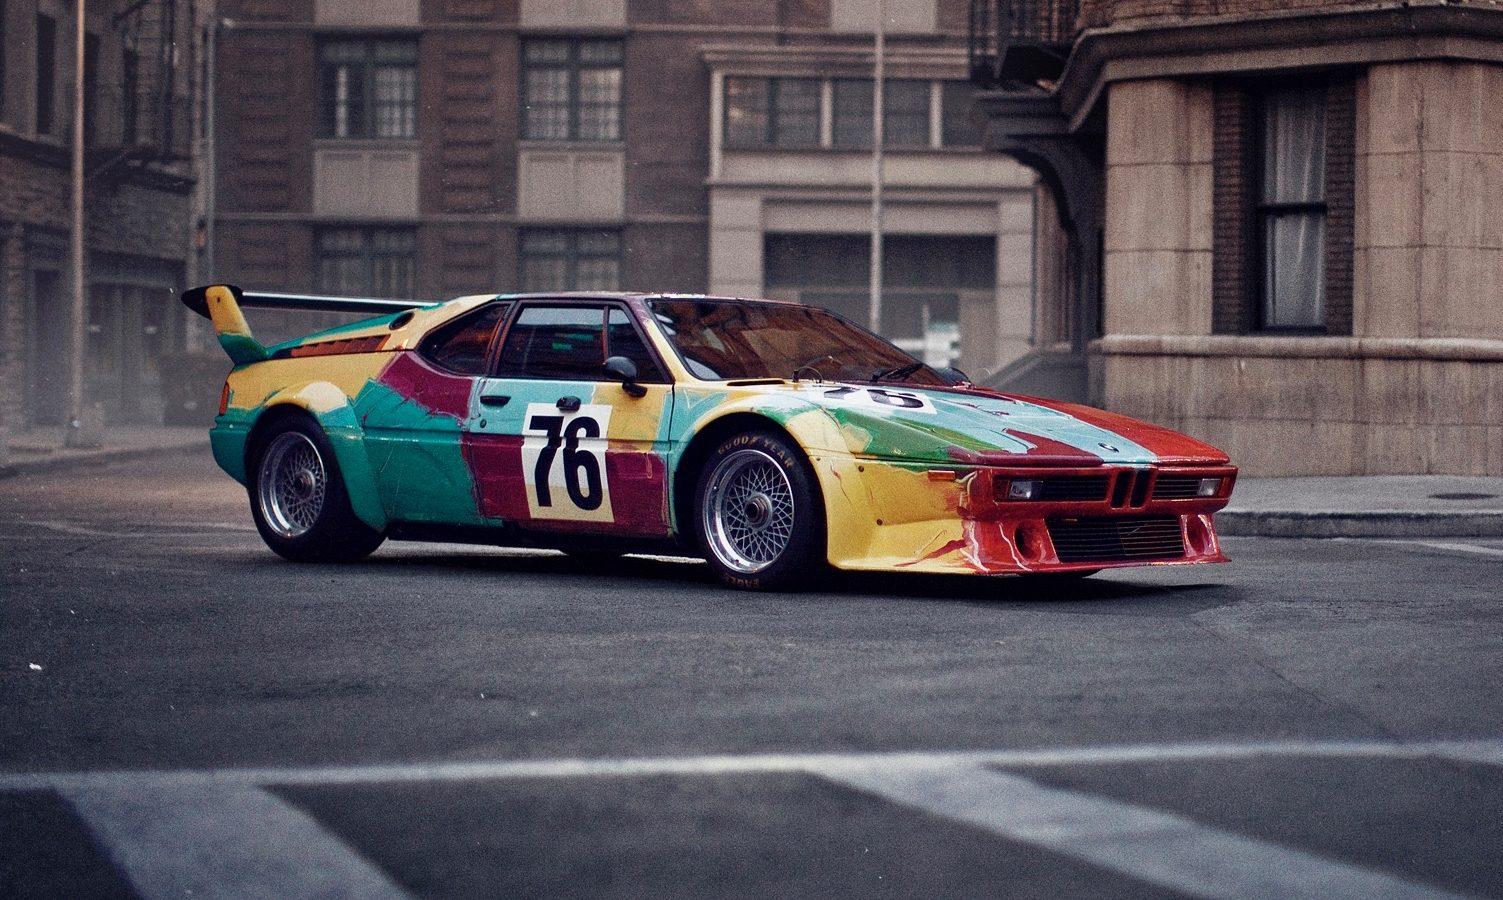 Andy Warhol. BMW Art Car. Courtsey of BMW AG.